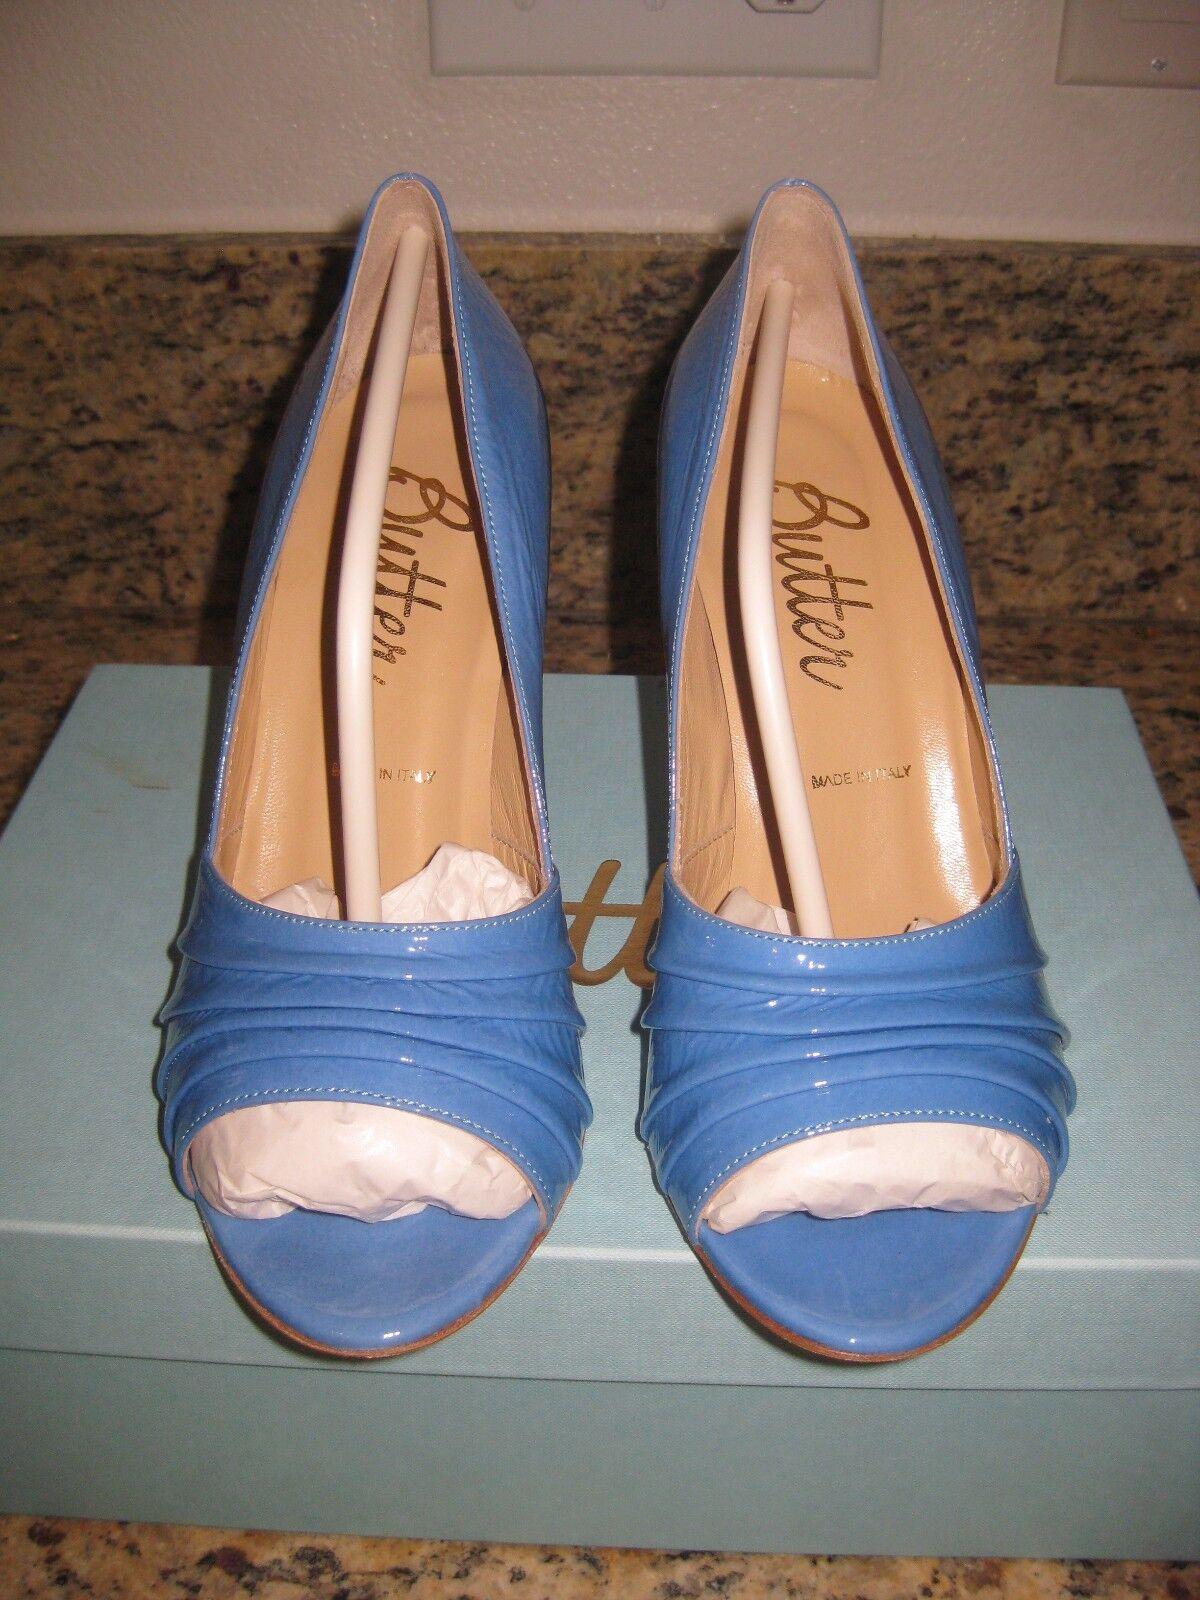 vendita outlet online NIB Butter Glitz blu blu blu Patent Leather Open Toe Leather Pump Dimensione 7 3.5  Heel M  alta qualità e spedizione veloce